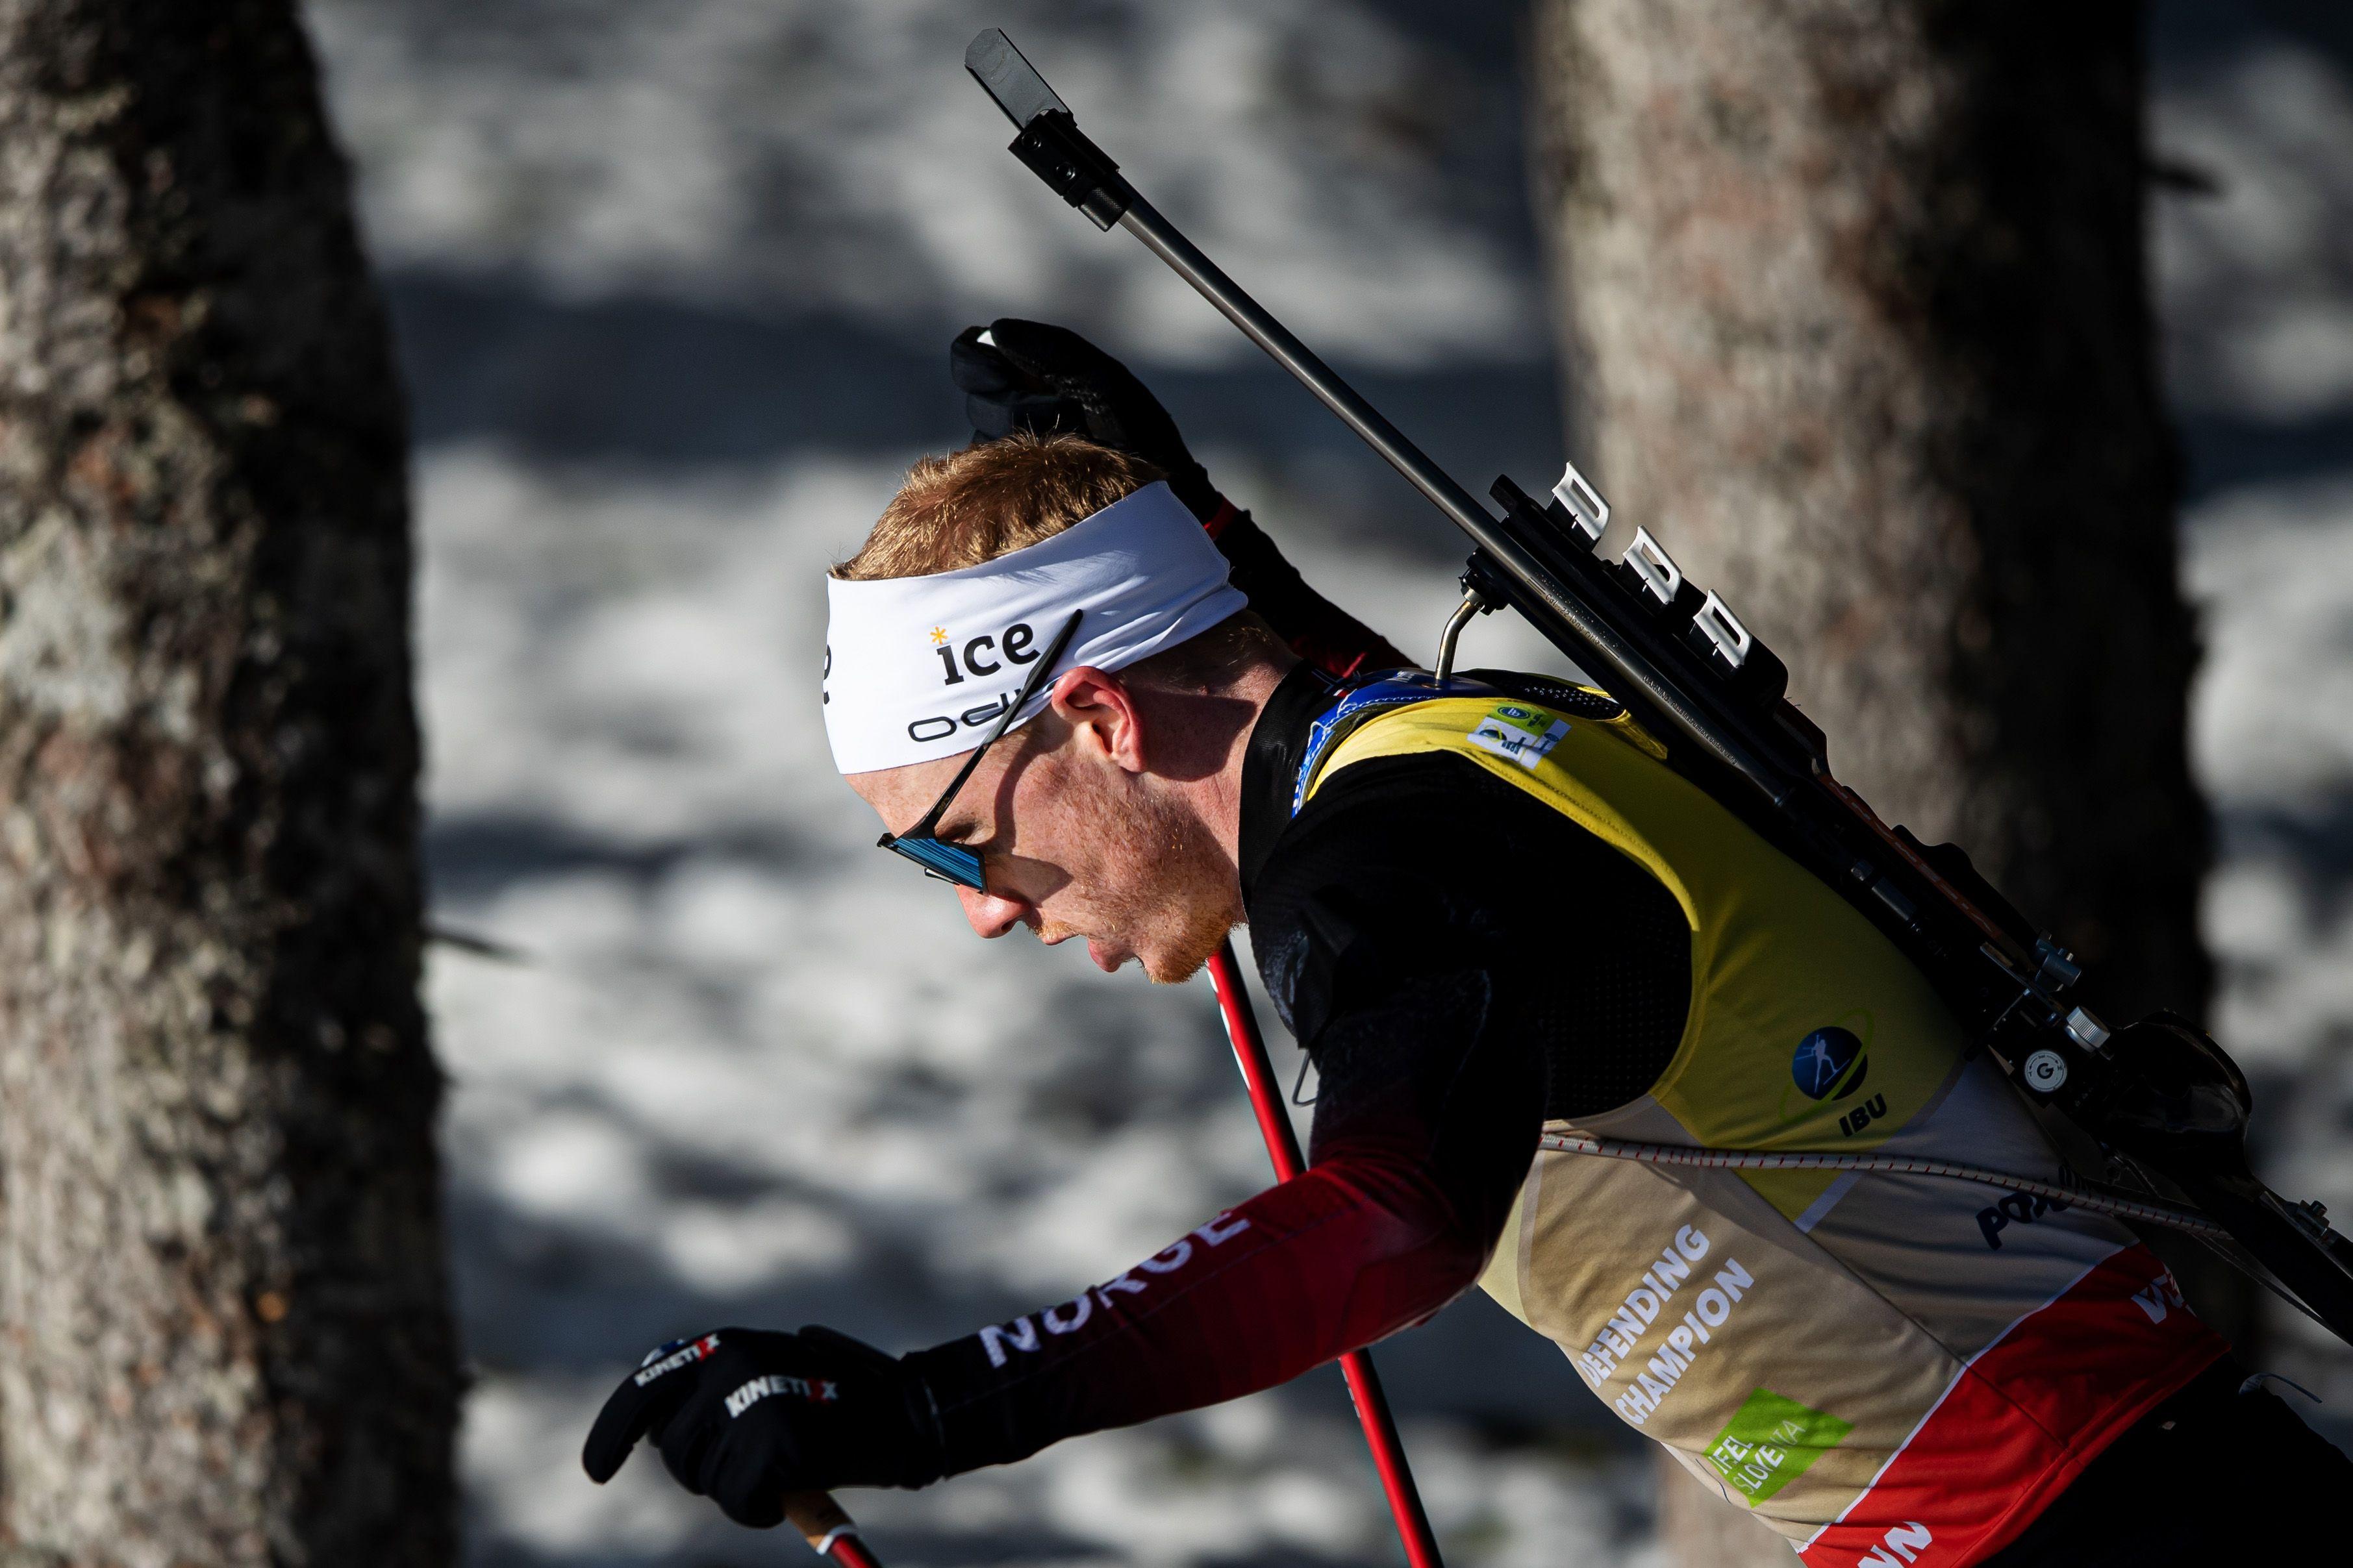 Йоханнес Бё выиграл 'Малый хрустальный глобус' в зачёте спринтов Кубка мира